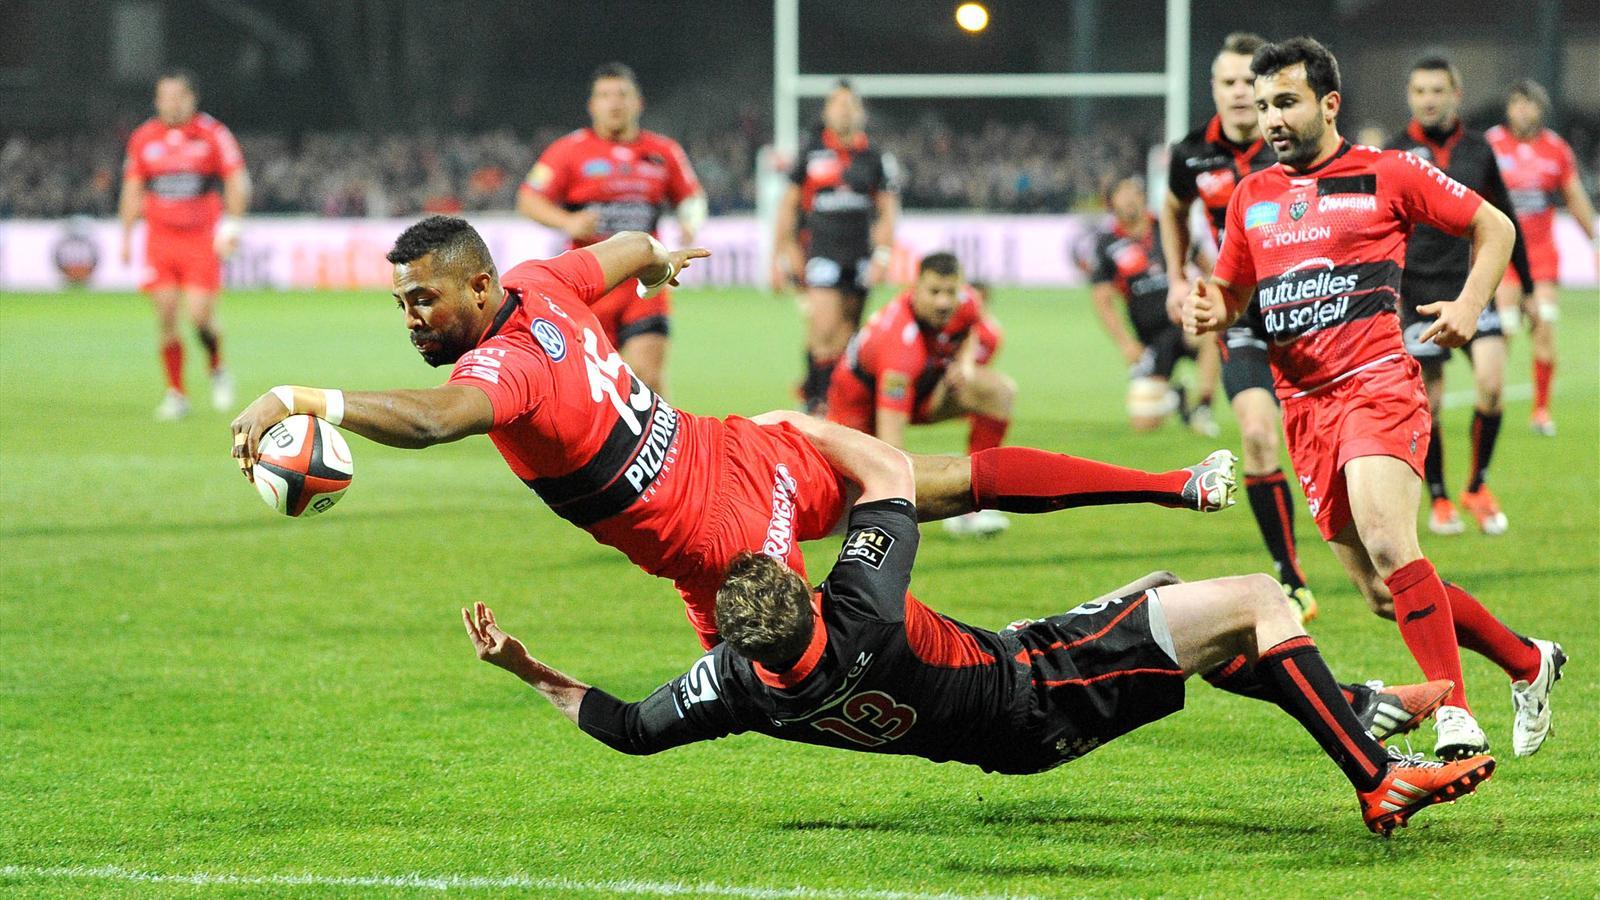 L'essai de Delon Armitage (Toulon) face à Lyon - 14 mars 2015